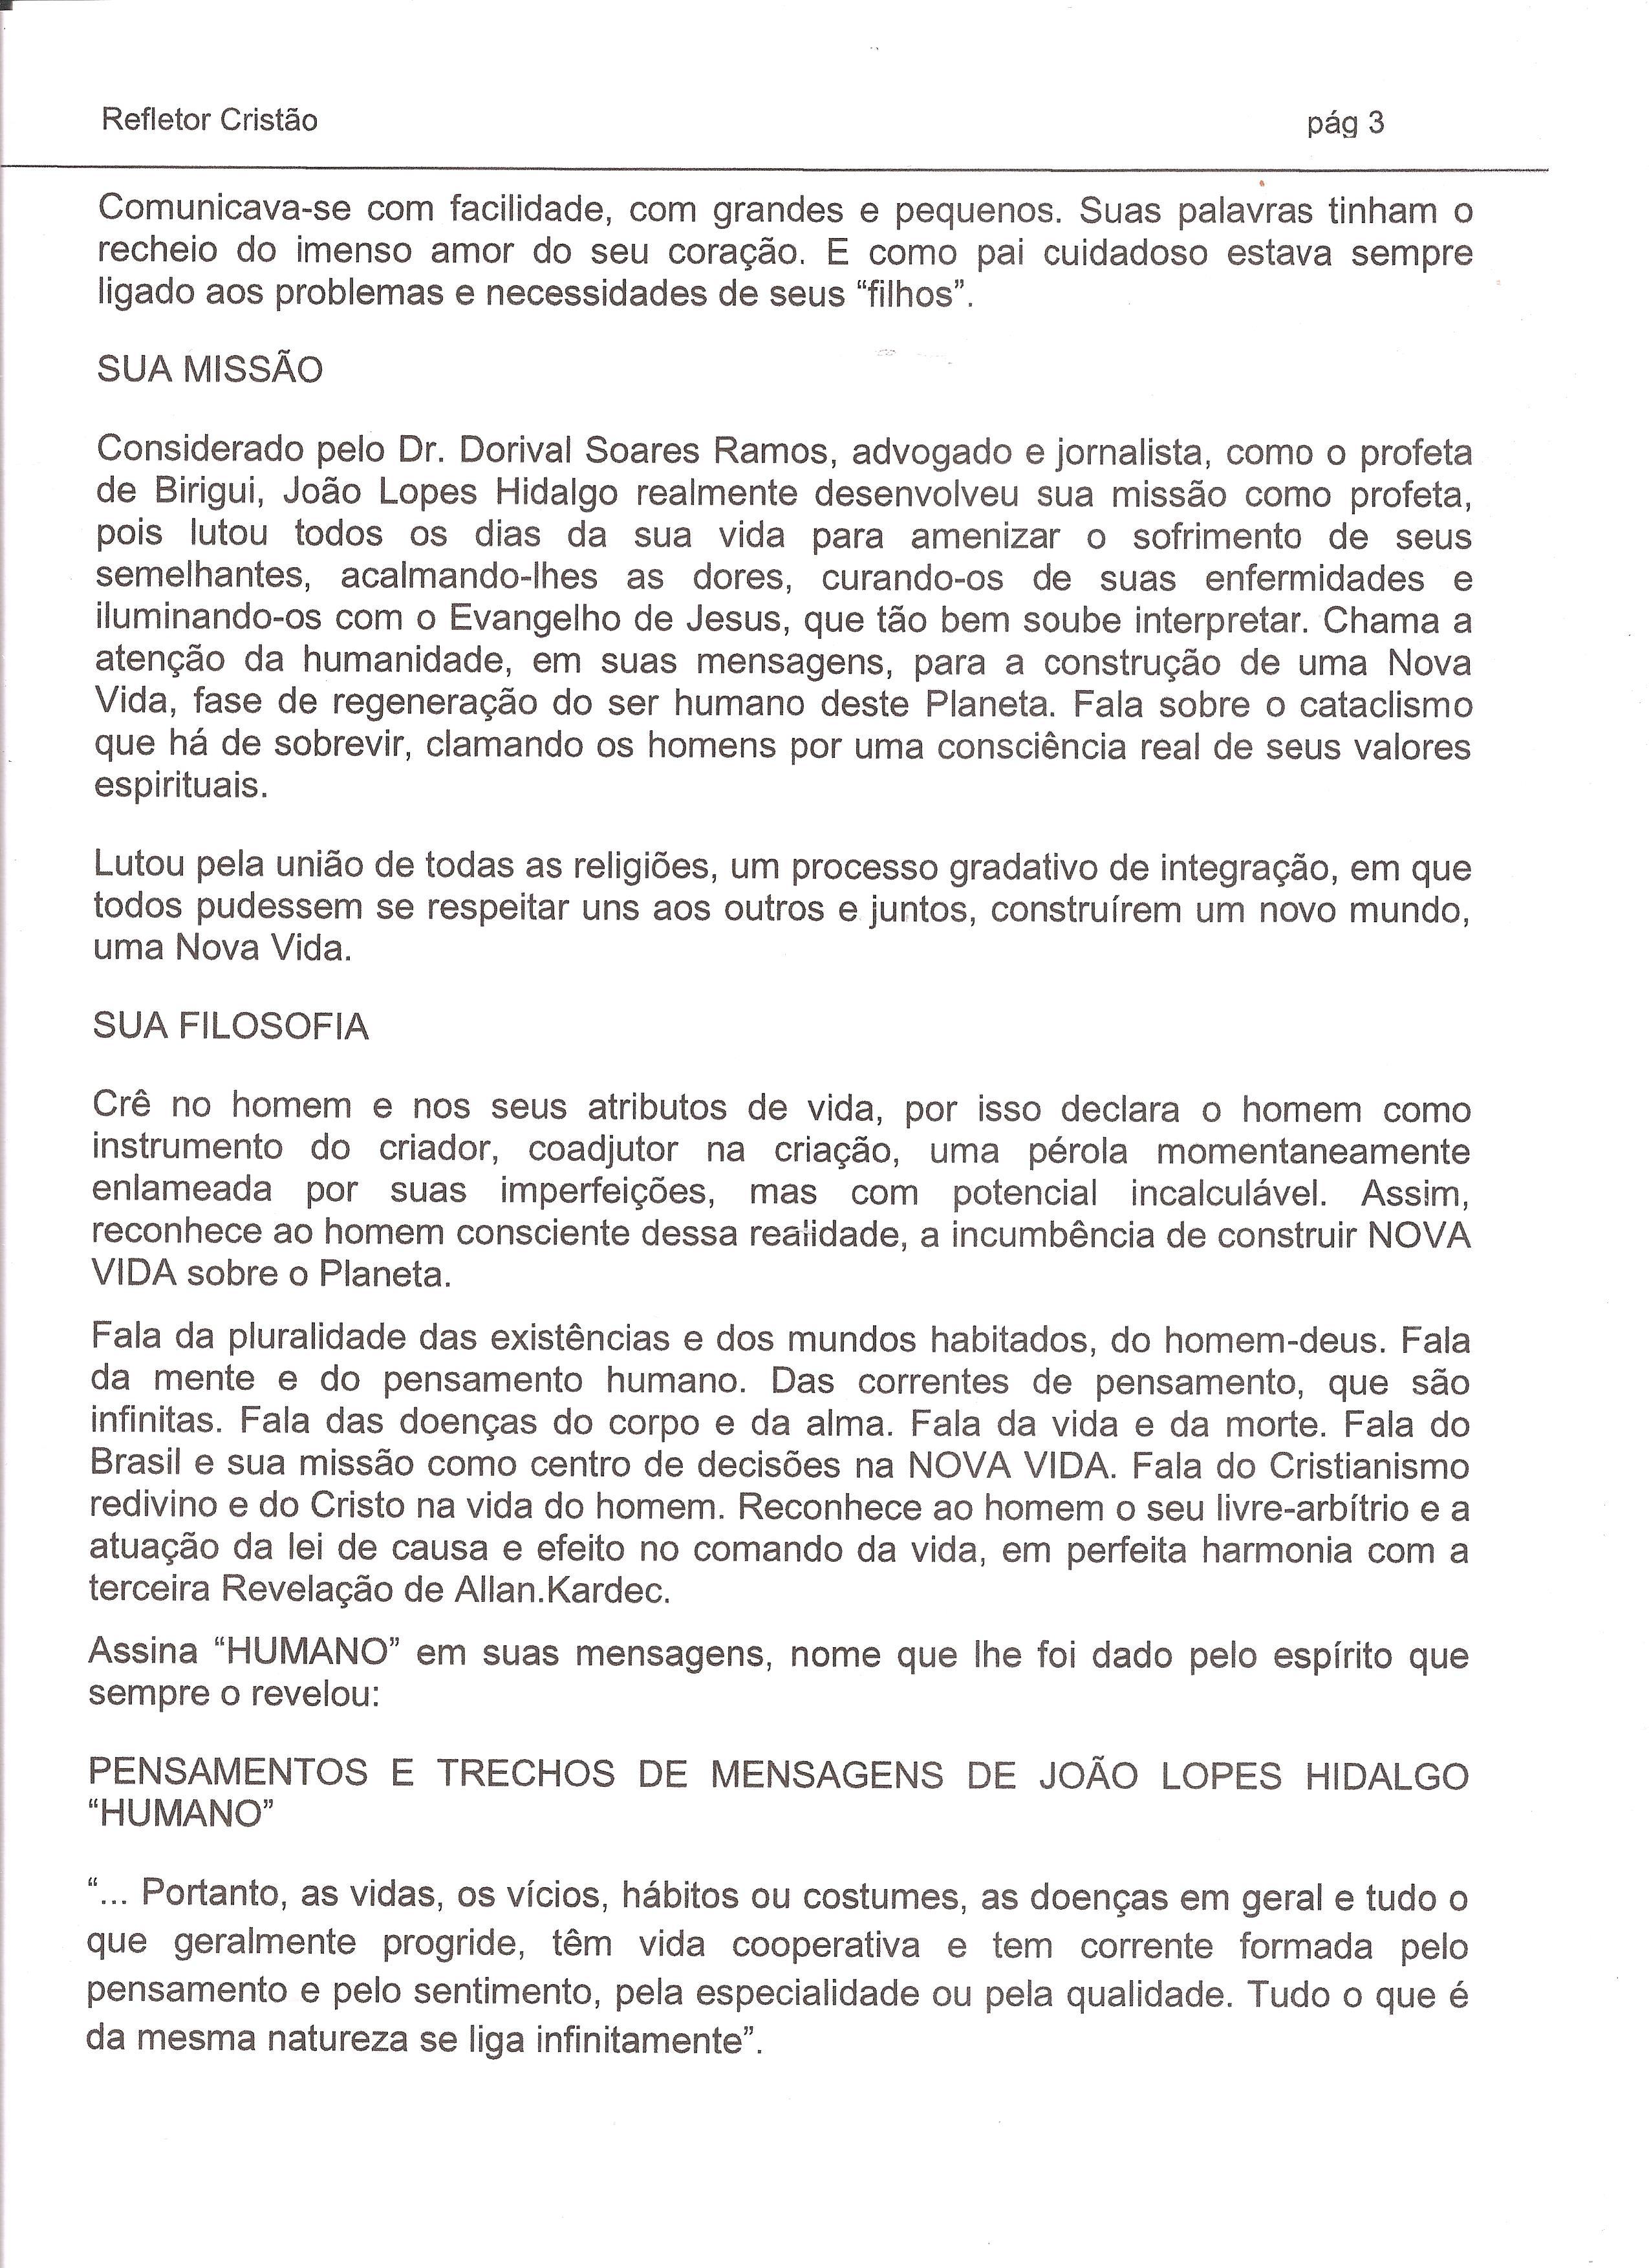 REFLETOR CRISTÃO 2020 -PAG 3